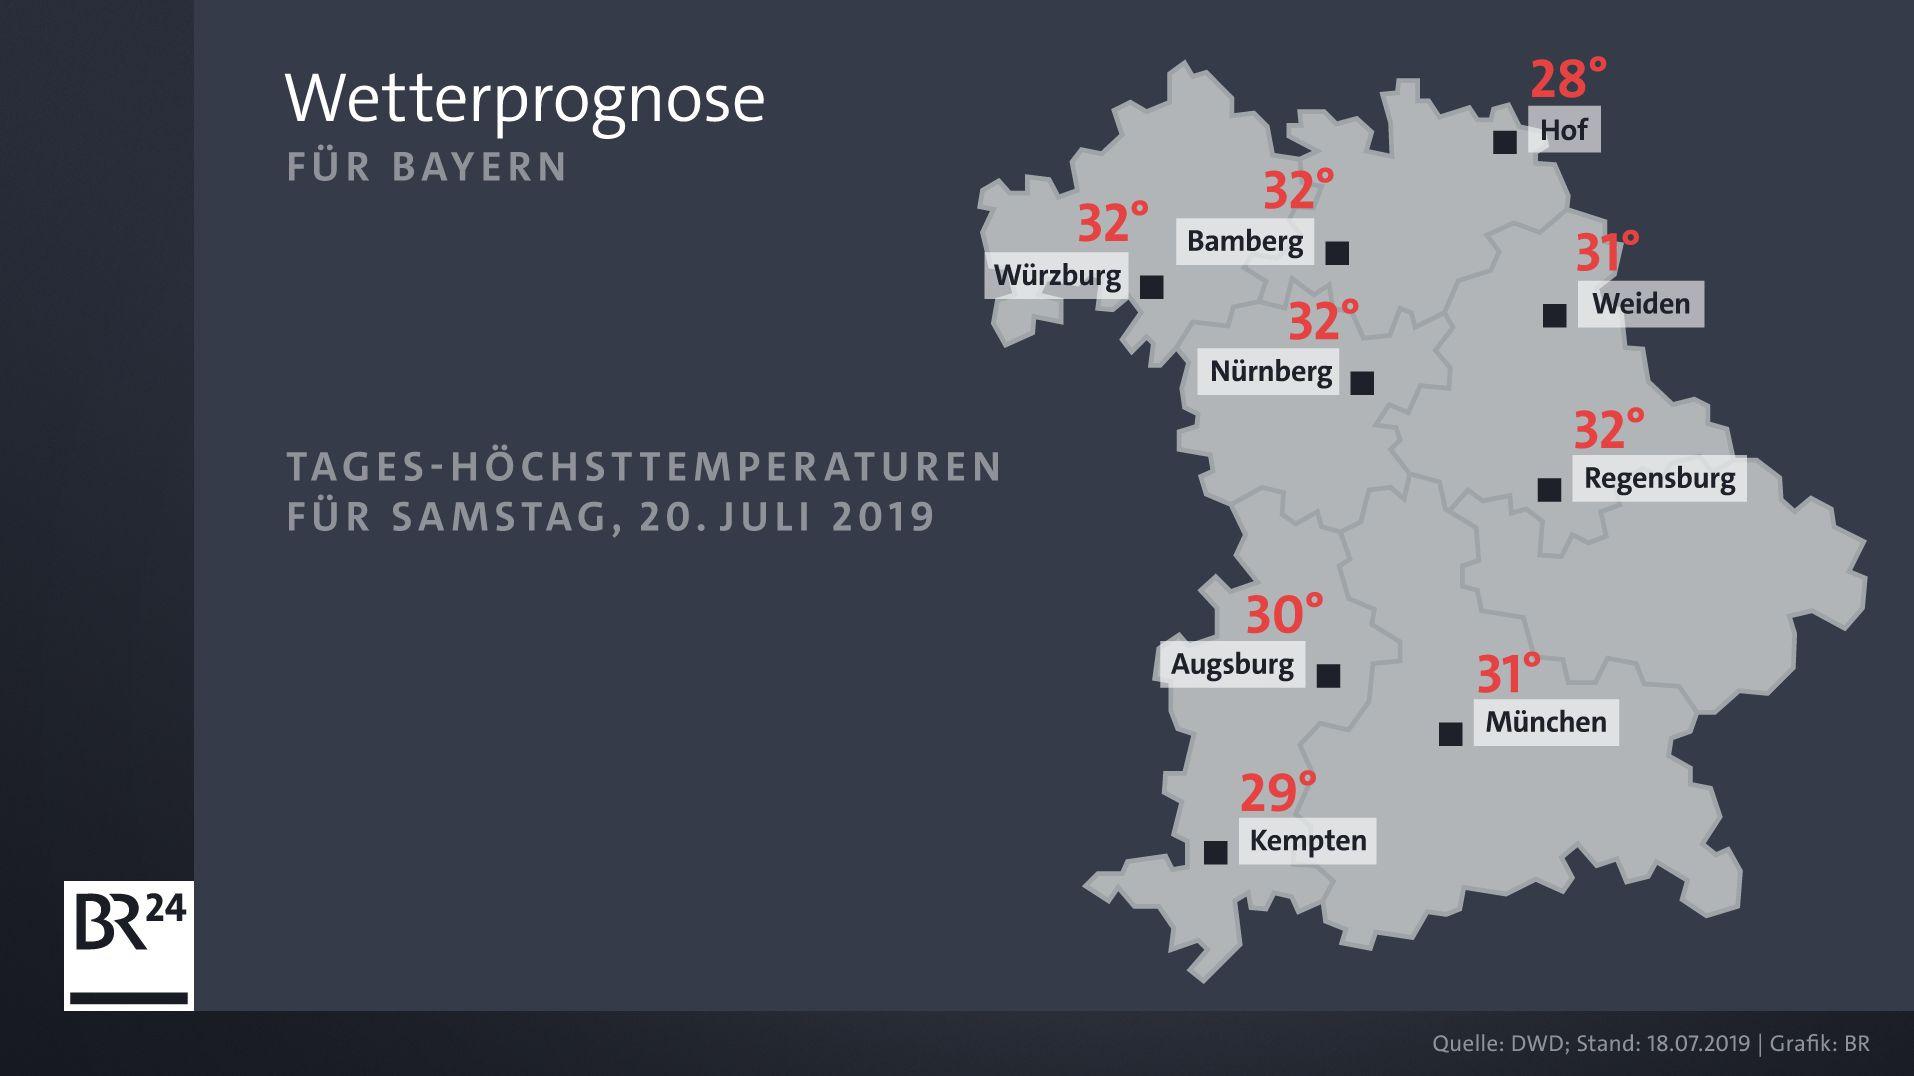 Wetterprognose für Samstag, 20. Juli 2019.